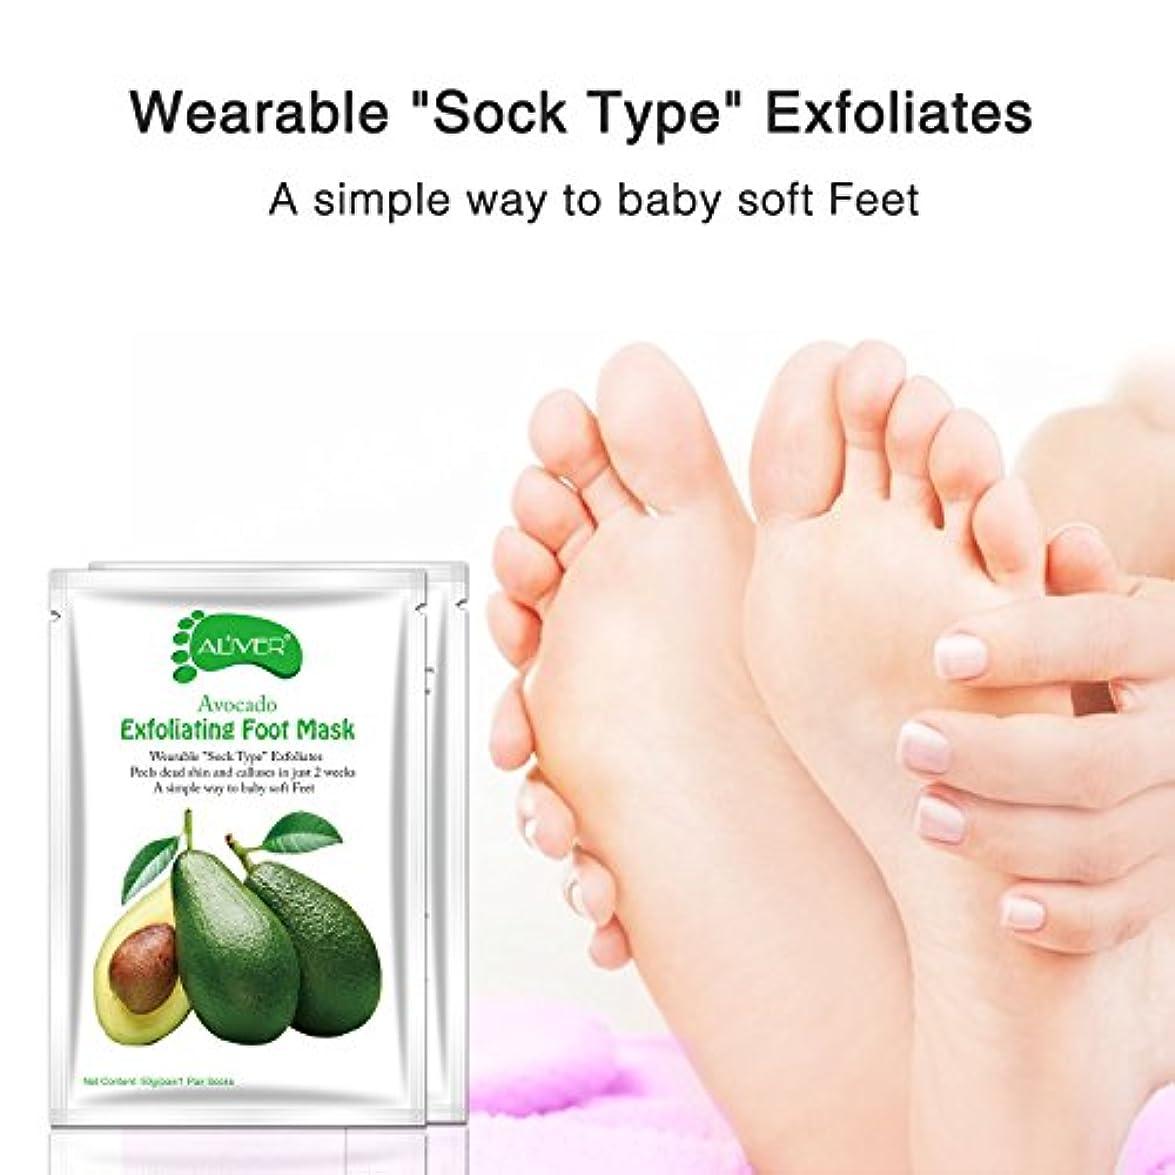 無実私の純粋に(5袋セット)Aliver足膜古い繭の死皮や角質を除去するために、1週間以内に柔らかい感触を得て、つるっとした足、ざらざらした足を修復します。男女ともに適用する。6種類の選択-パパイヤ足膜、バラ足膜、カモミール足膜、ラベンダー...